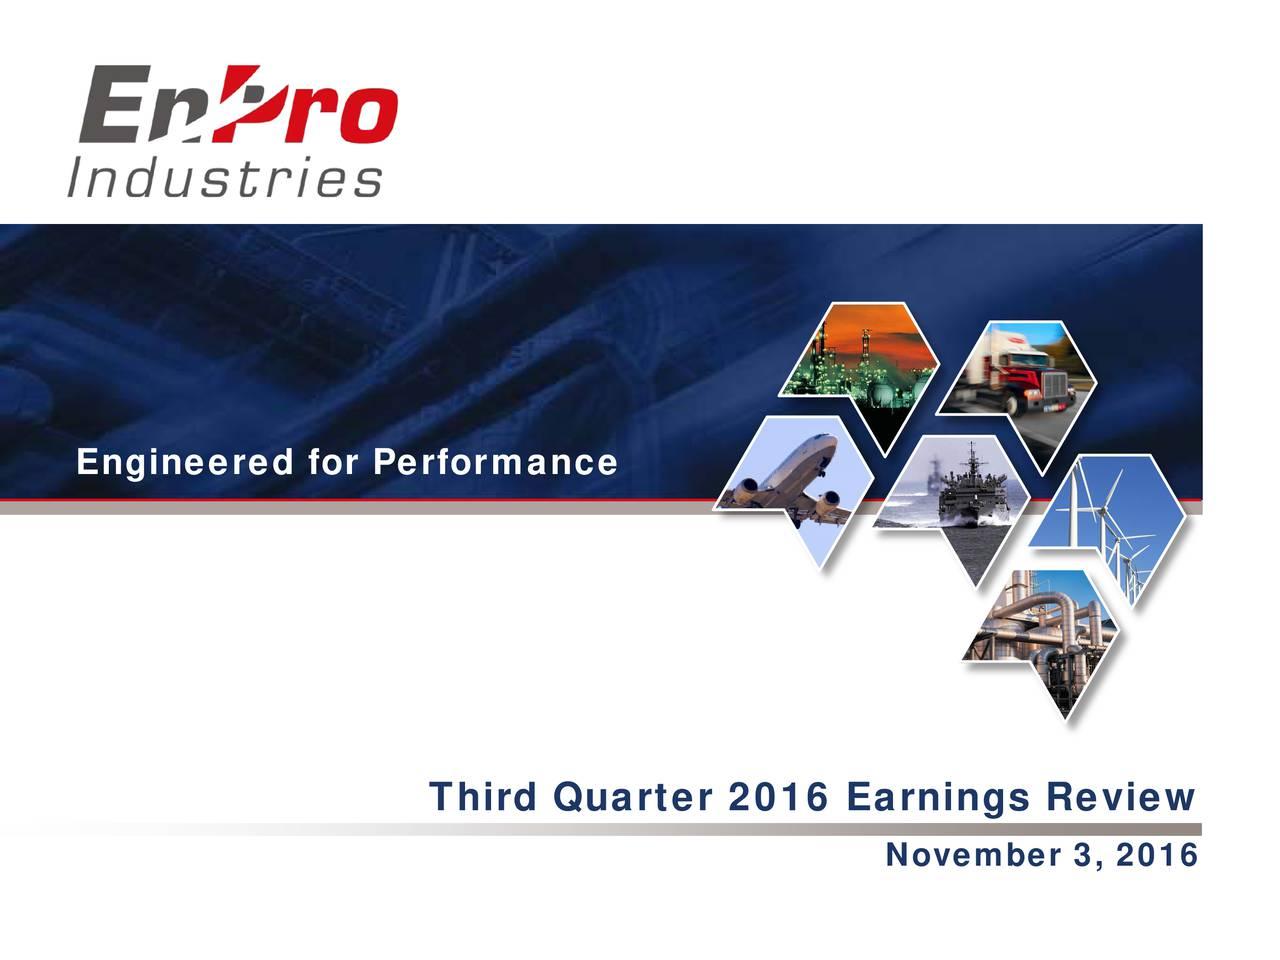 Third Quarter 2016 Earnings Review November 3, 2016